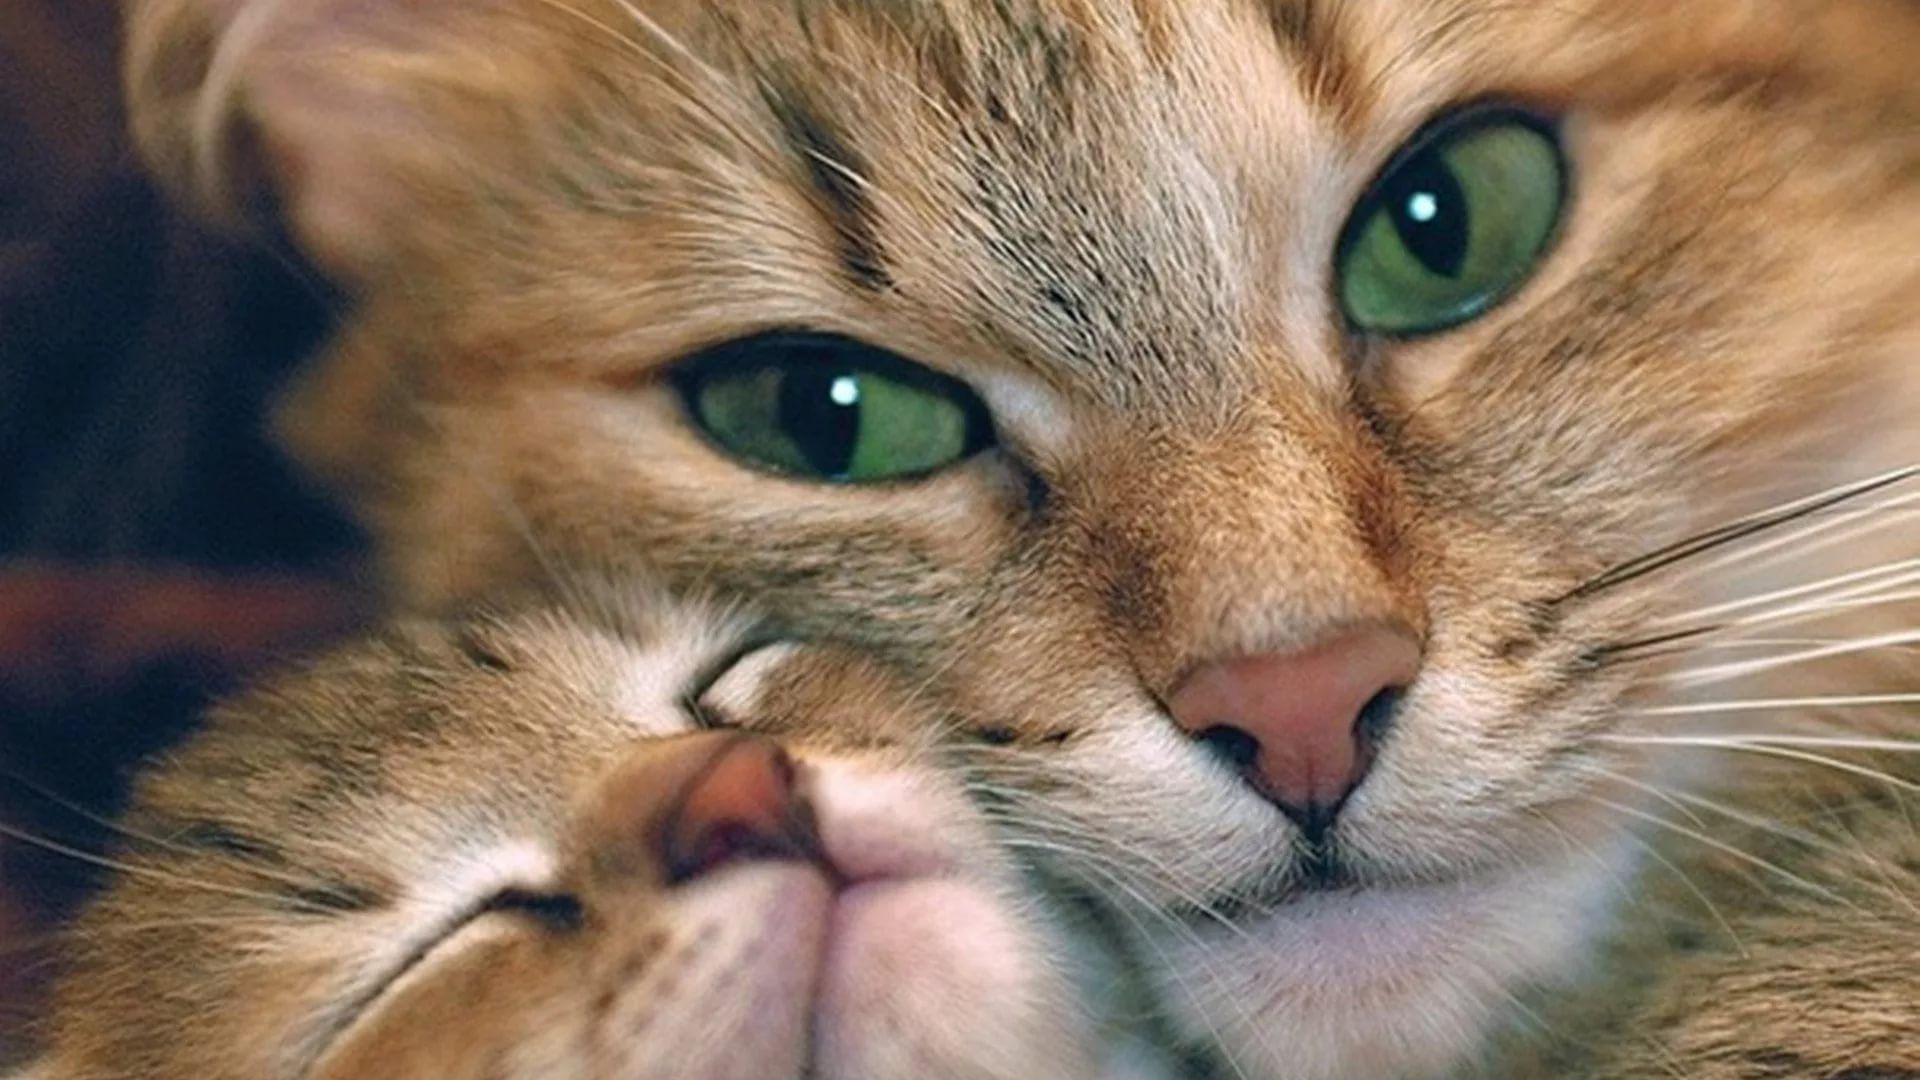 Lovely Cat 1920x1080 wallpaper